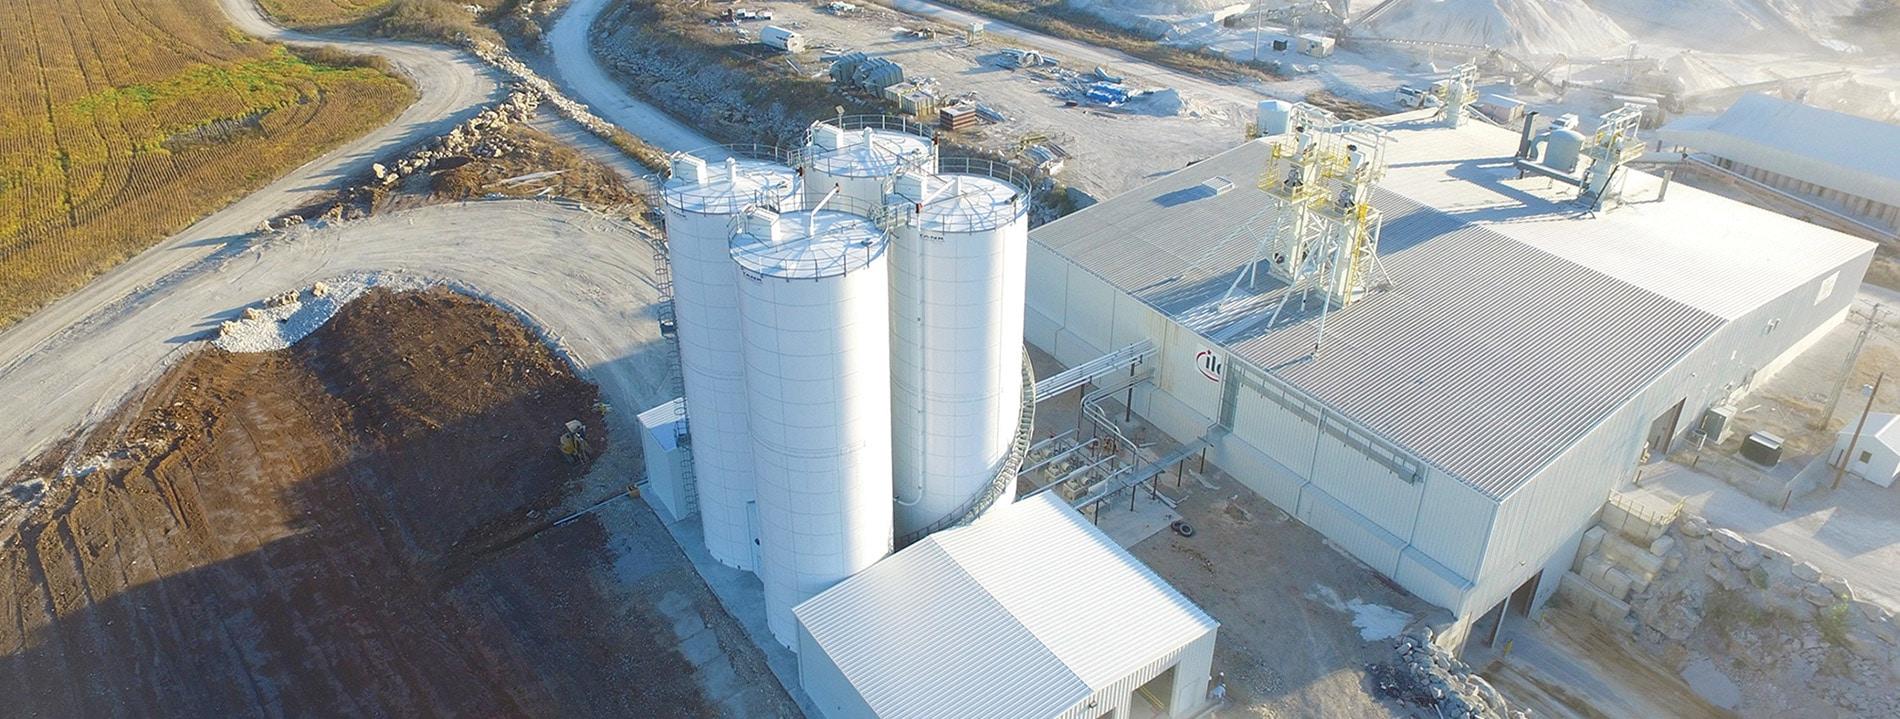 African tanks steel water storage tanks